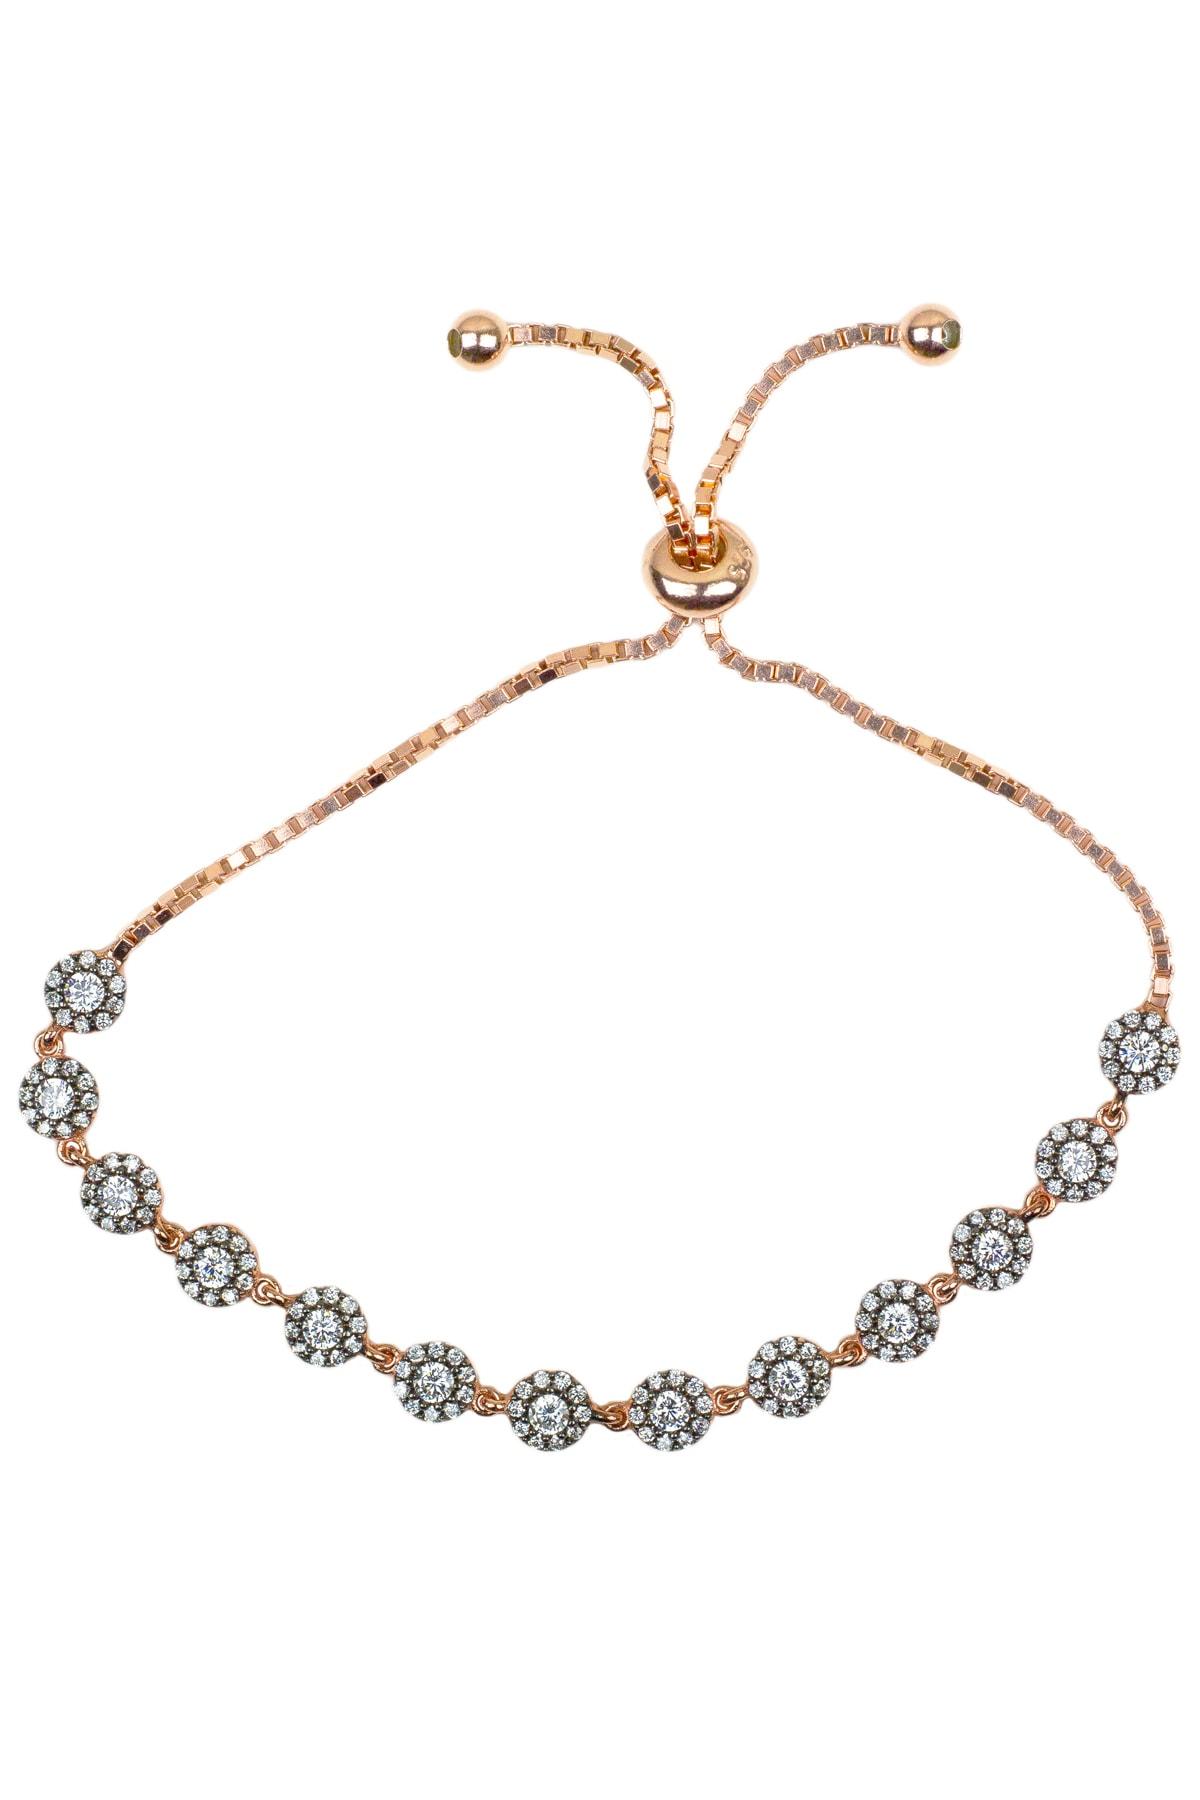 By Barun Silver Kadın 925 Ayar Gümüş  Elmas Bileklik - Rose BL-0071 0